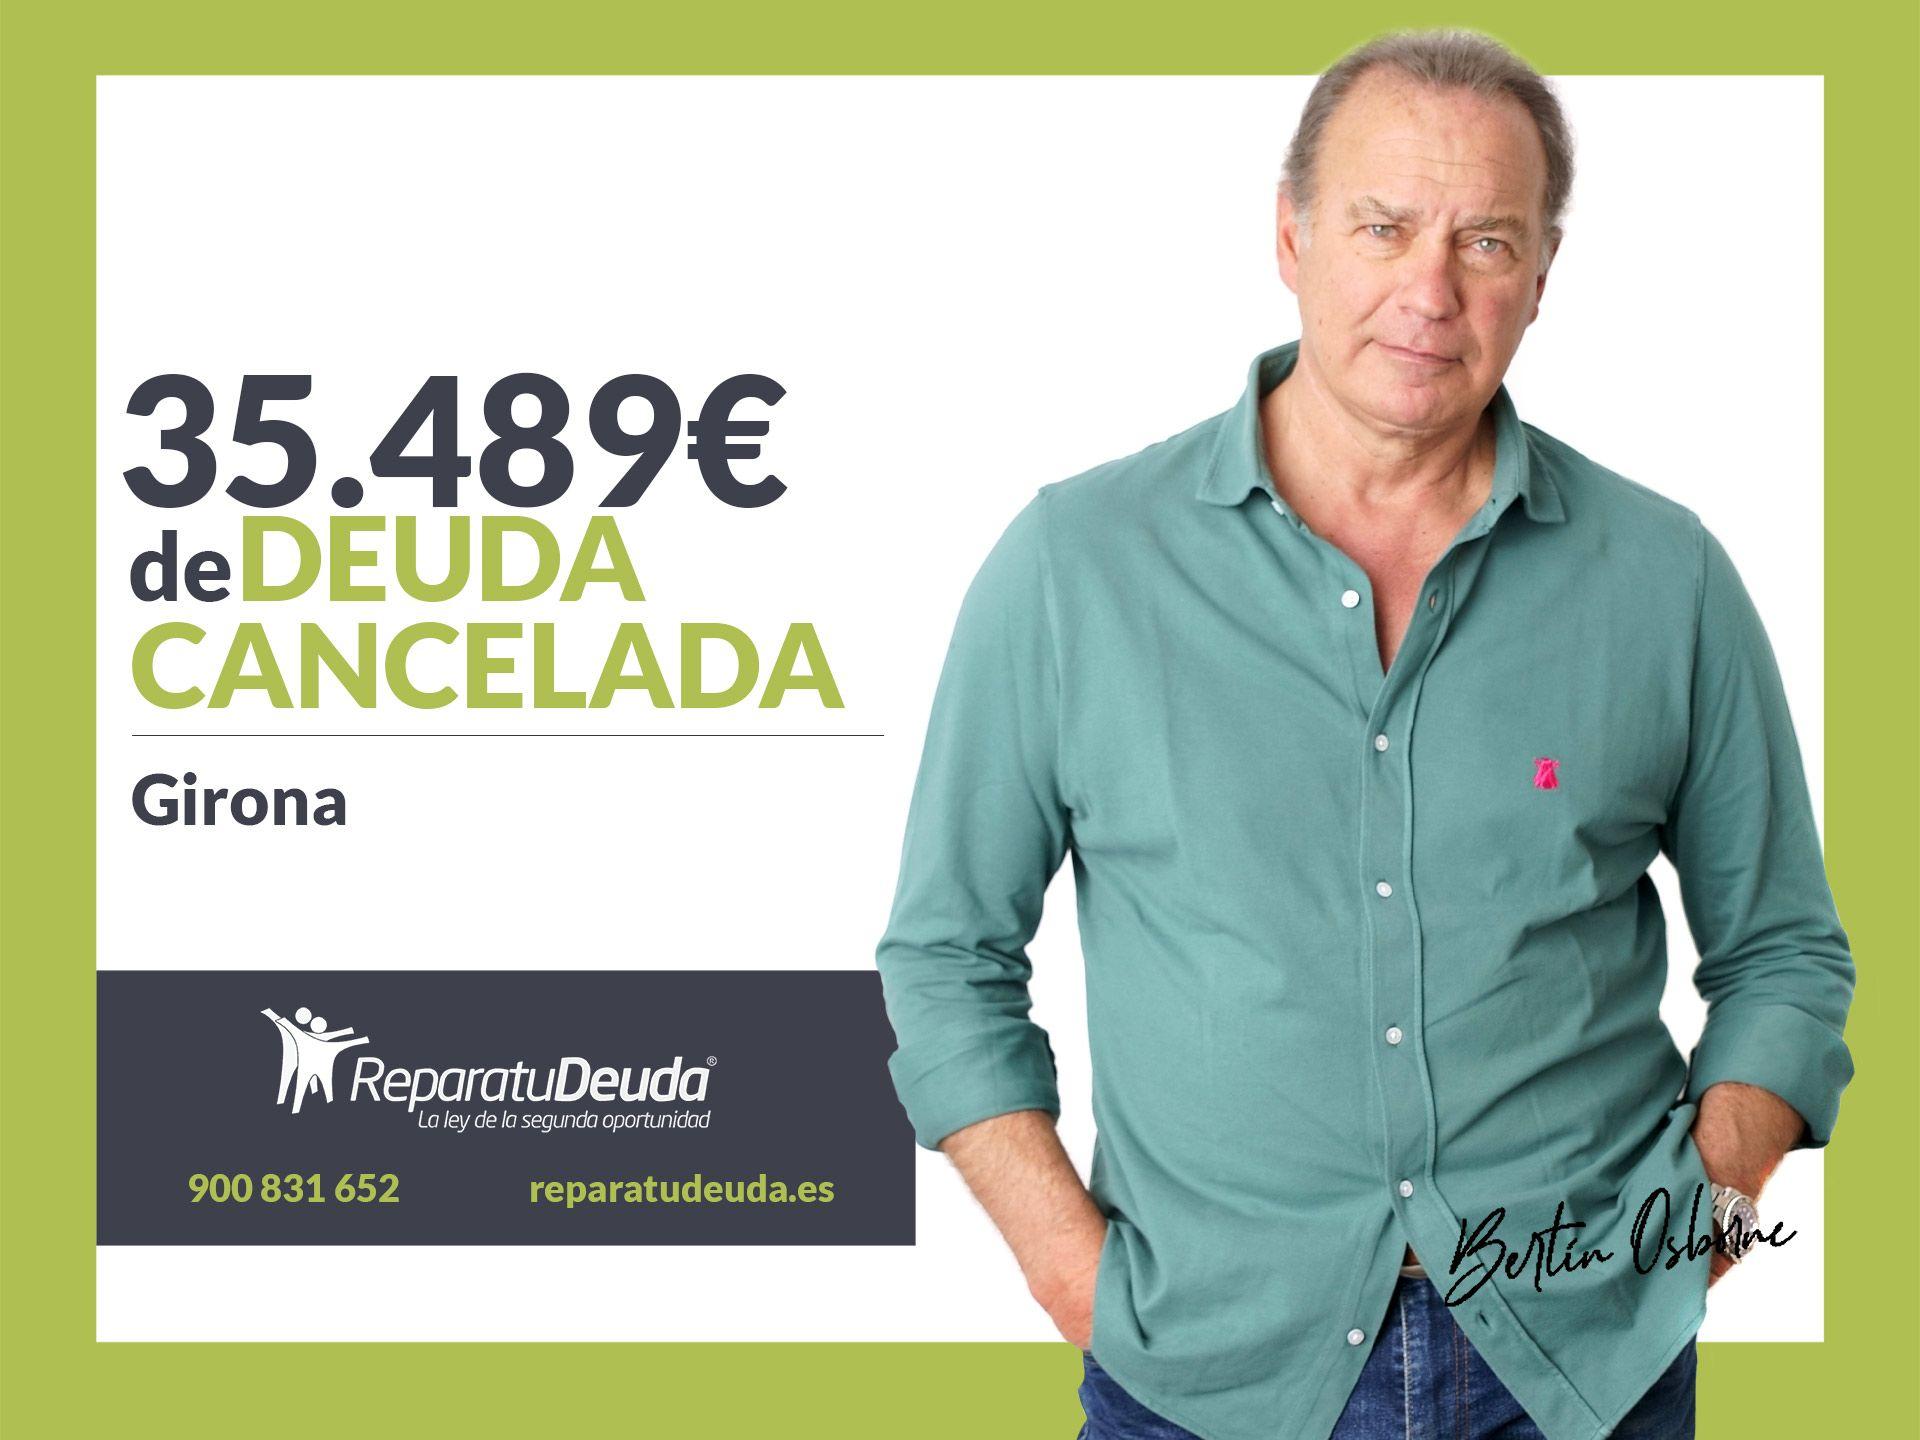 Repara tu Deuda Abogados cancela 35.489? en Girona (Catalunya) con la Ley de Segunda Oportunidad